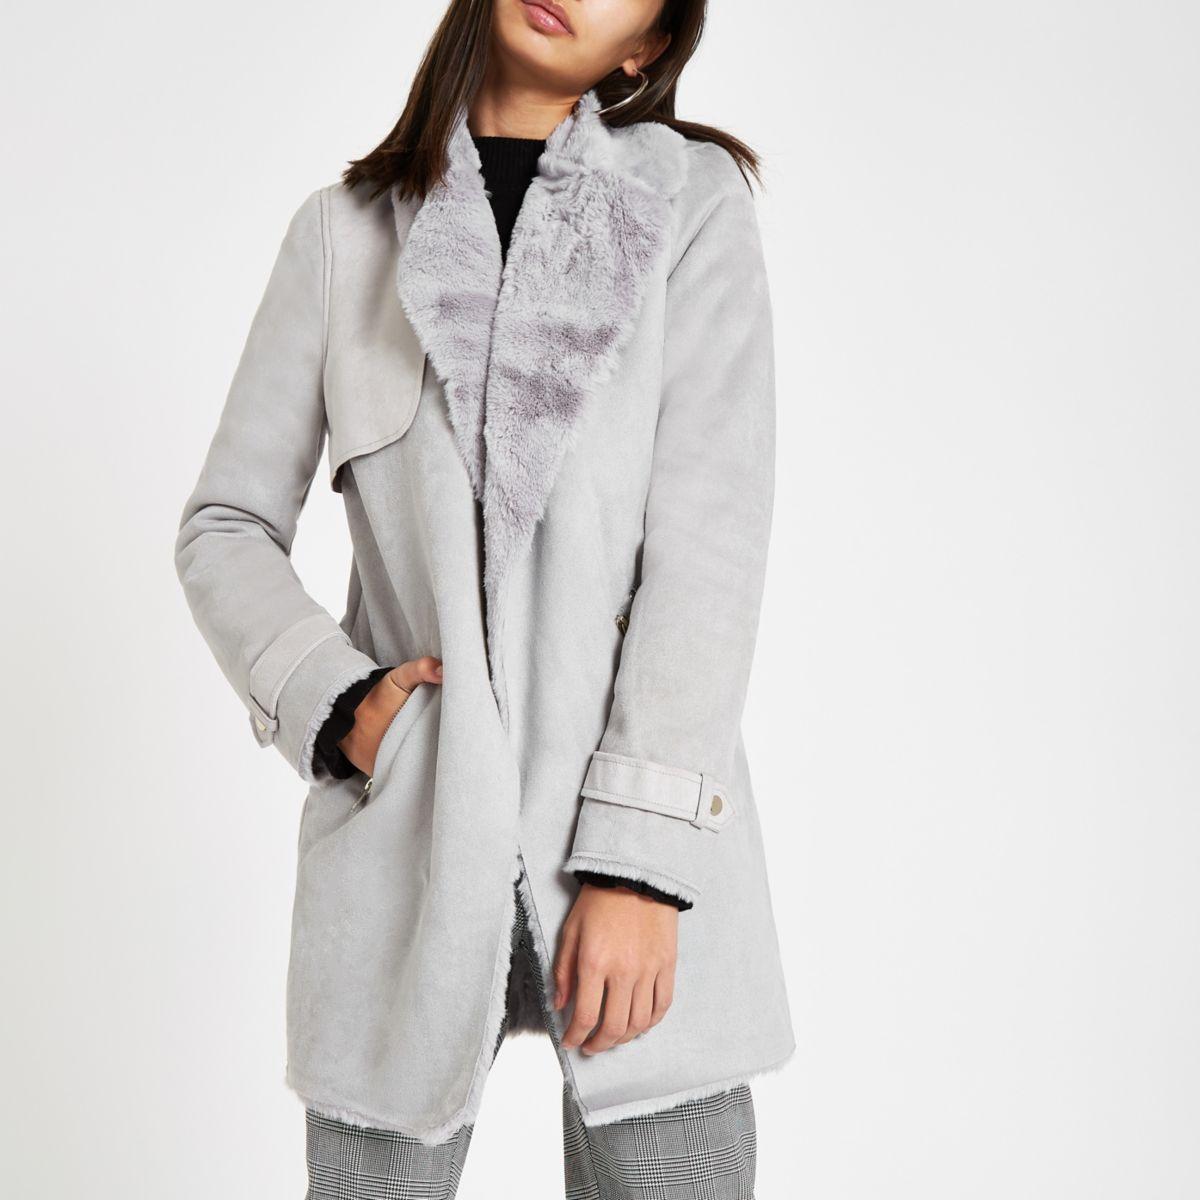 Grey faux fur lined fallaway jacket